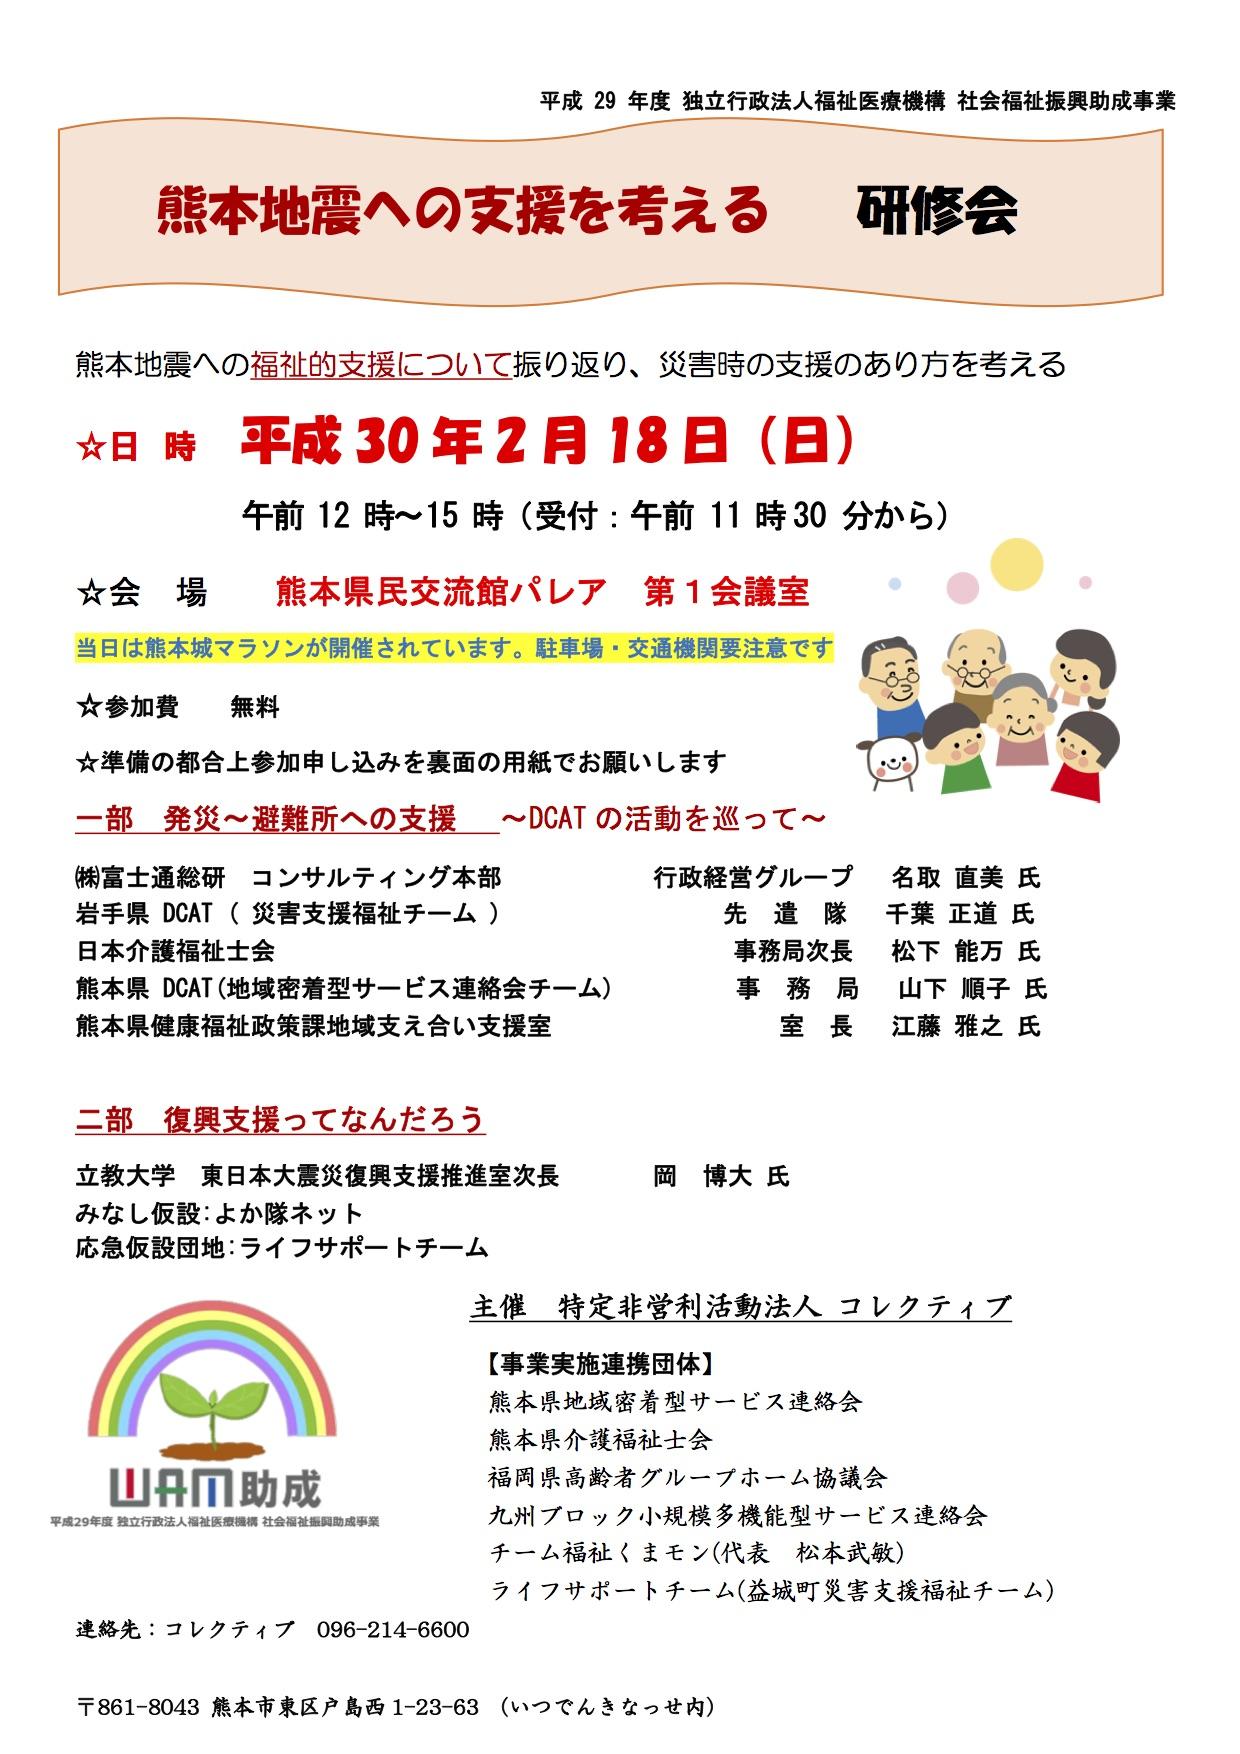 熊本地震への支援を考える 研修会のご案内